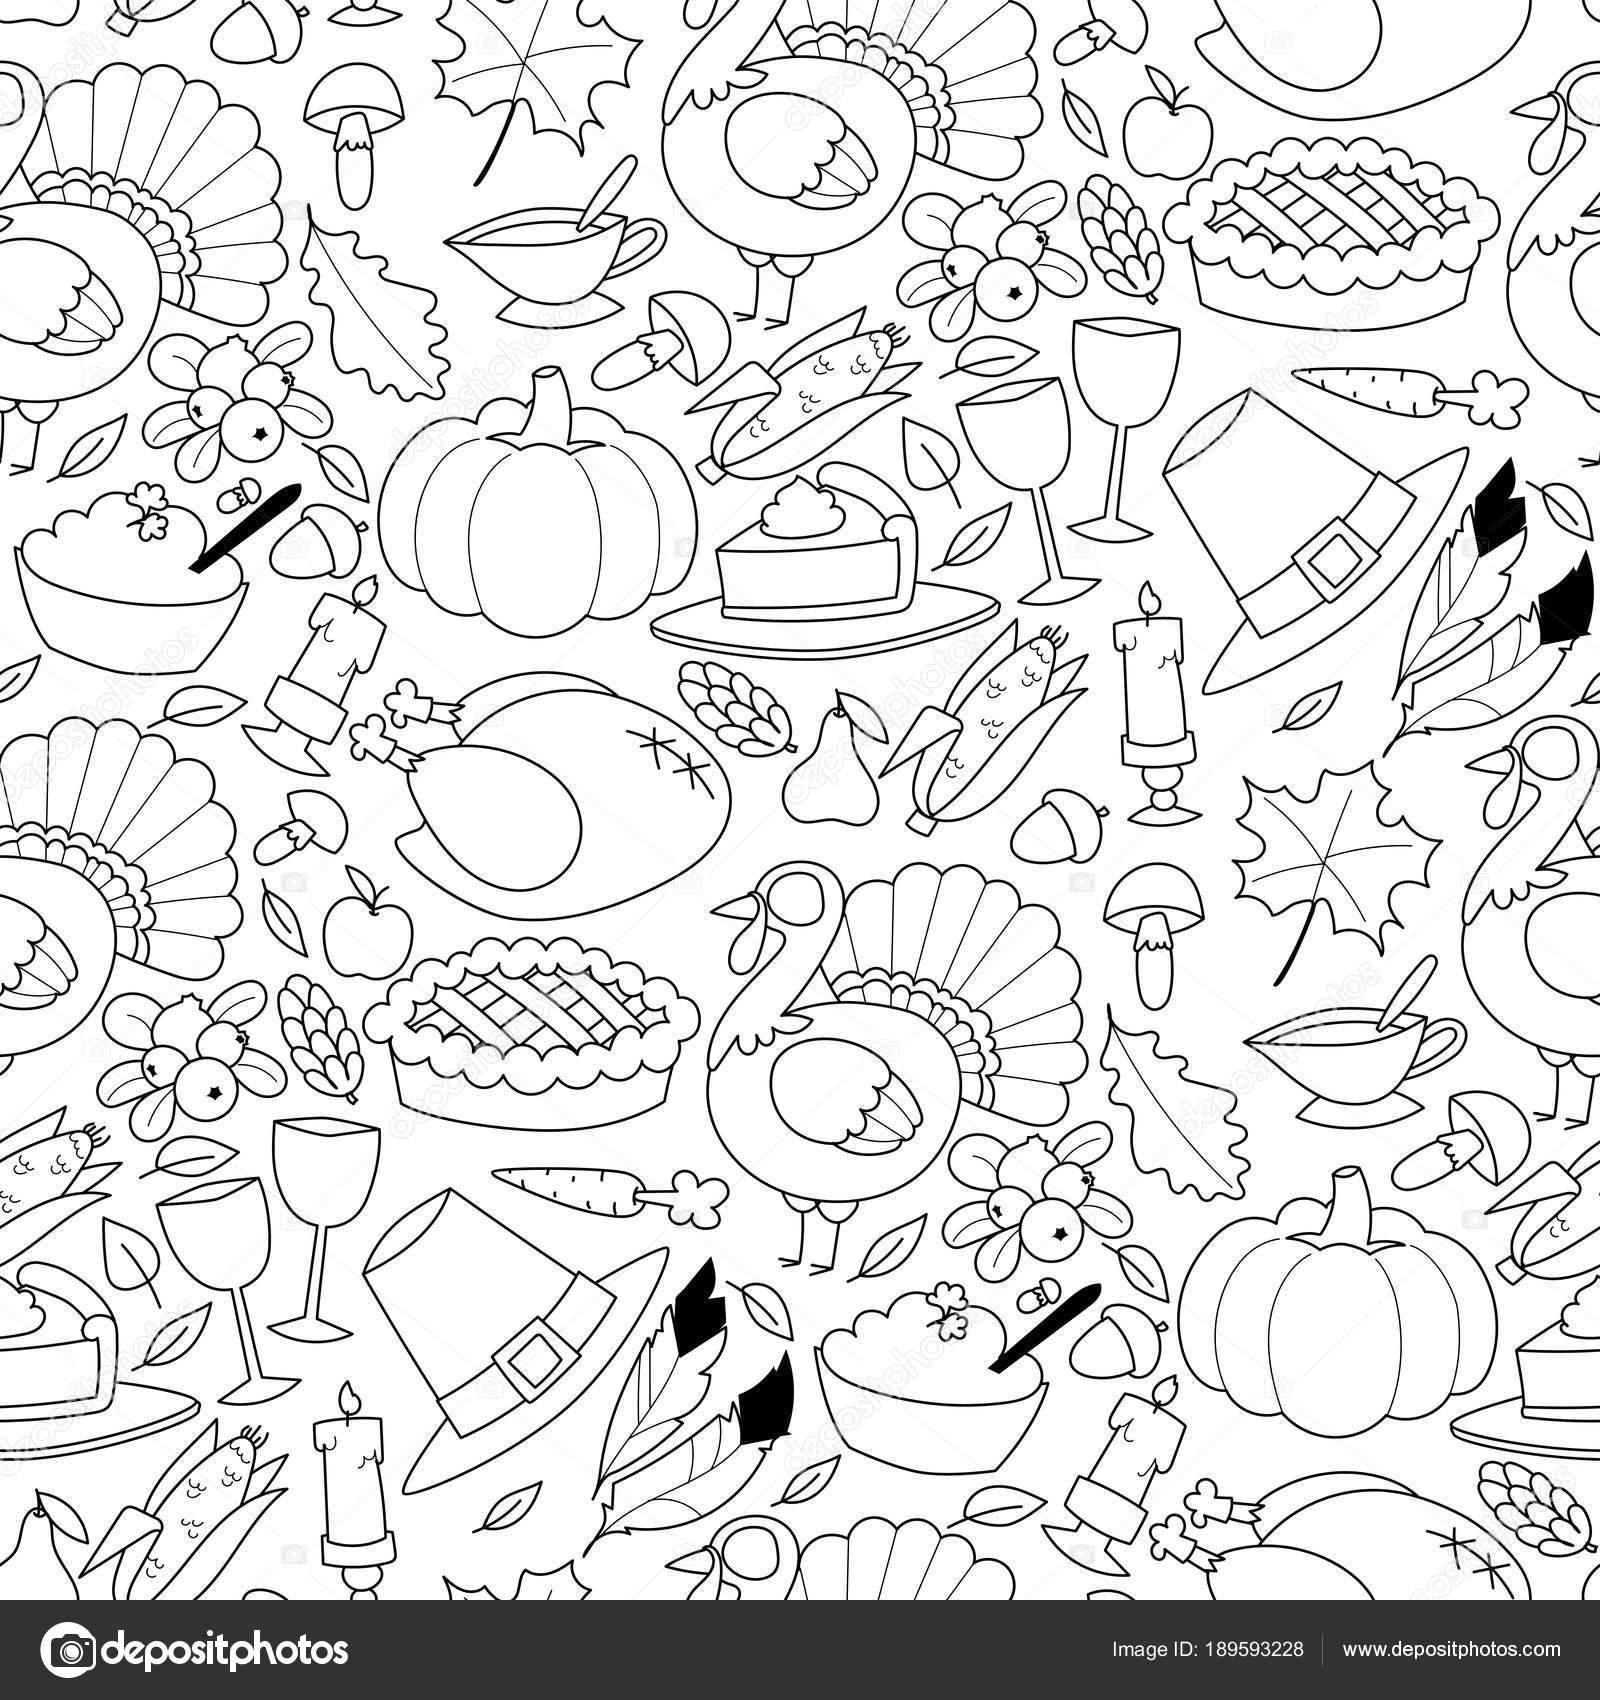 Feliz día de acción de gracias diseño vacaciones de patrones sin ...